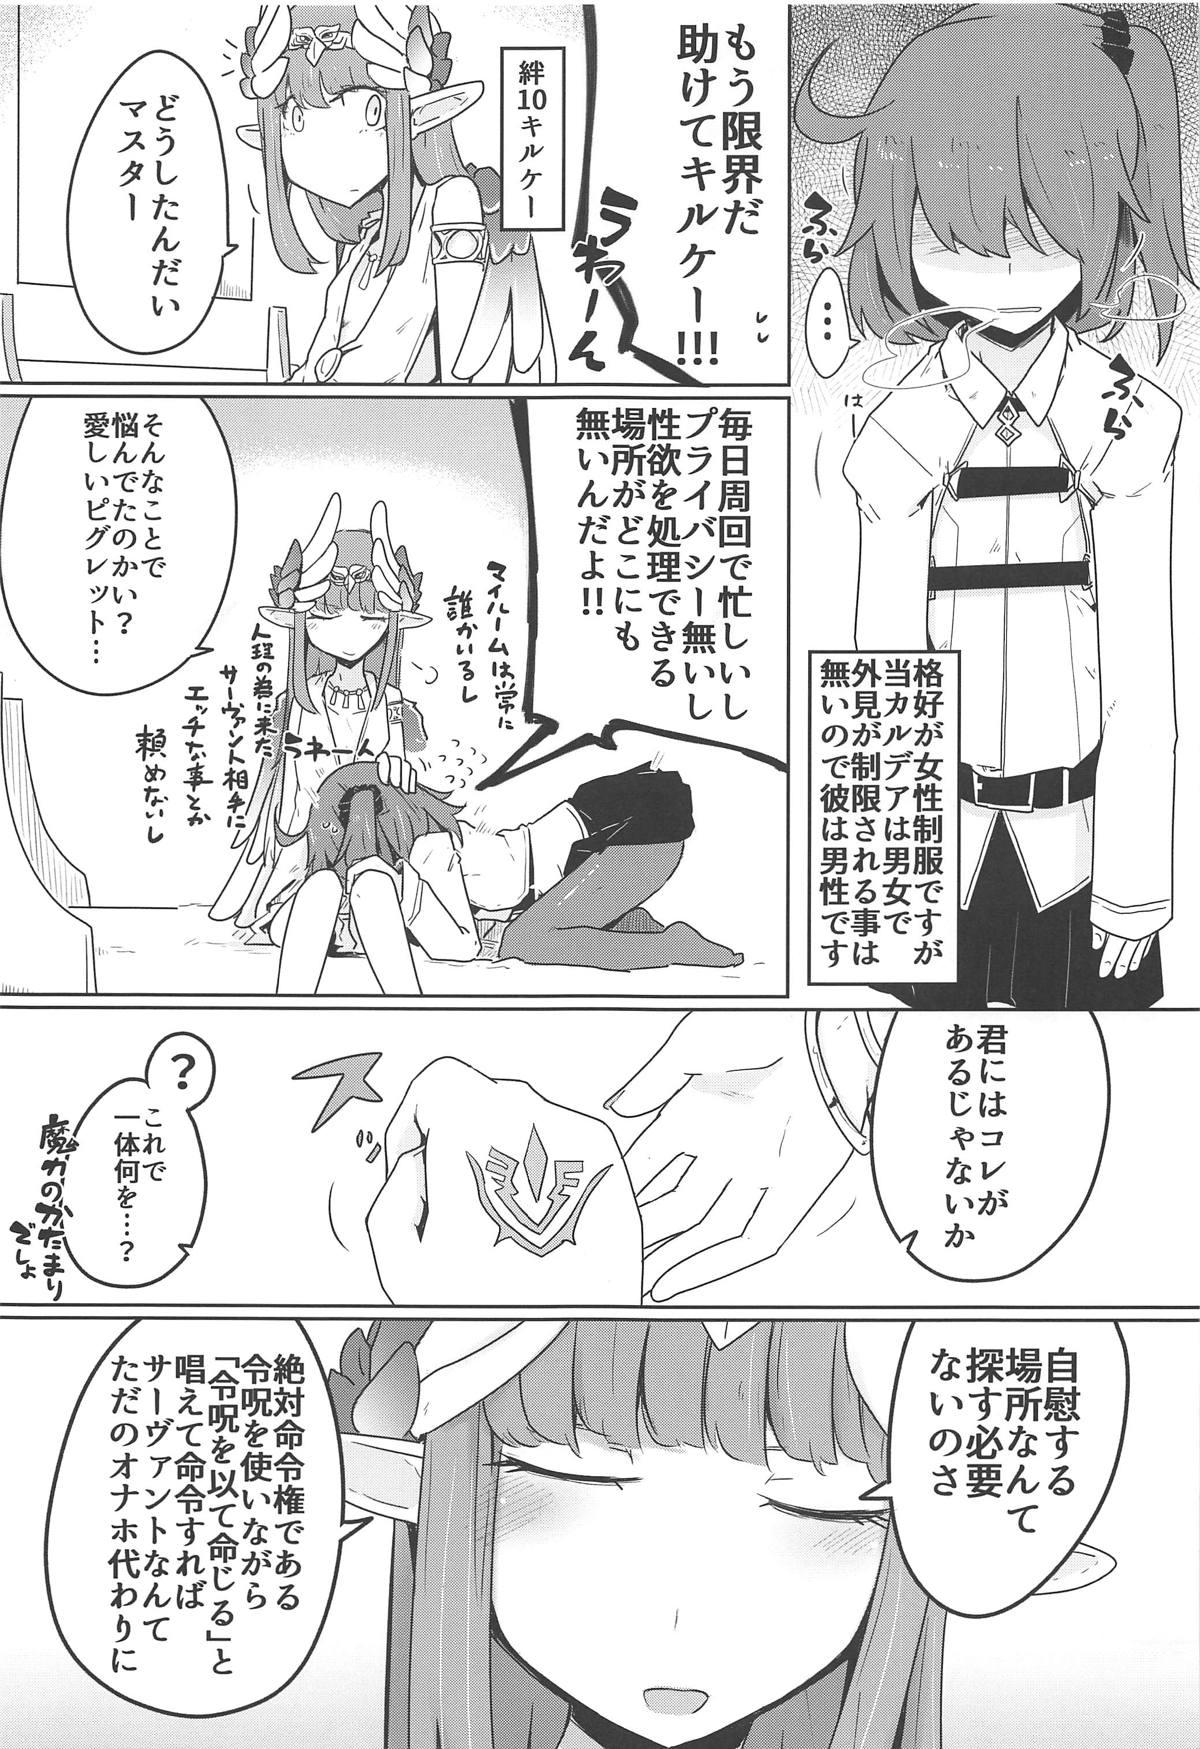 Daimajo ga Katsu no wa Touzen no Koto darou!? 1